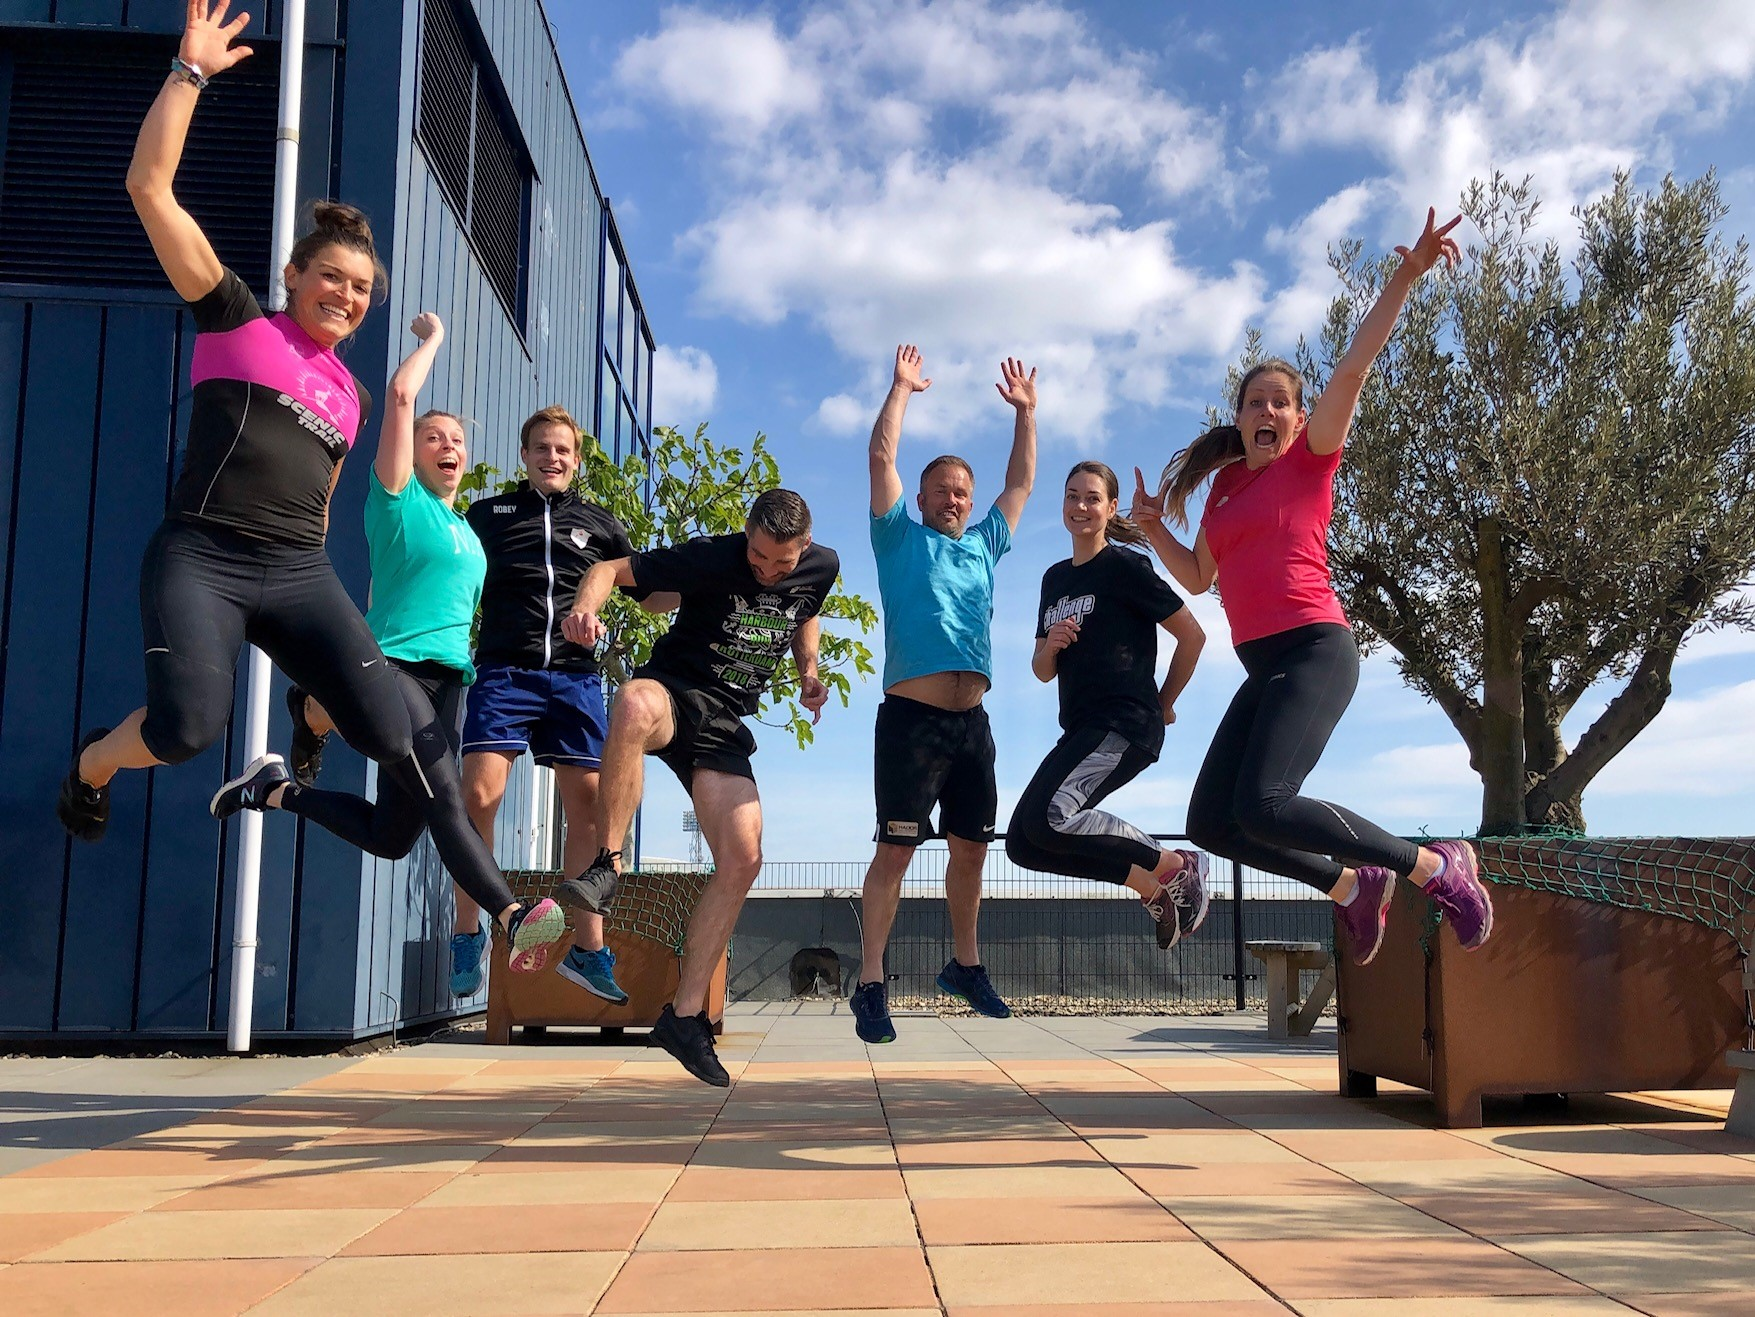 Sportende collega's springen blij in de lucht